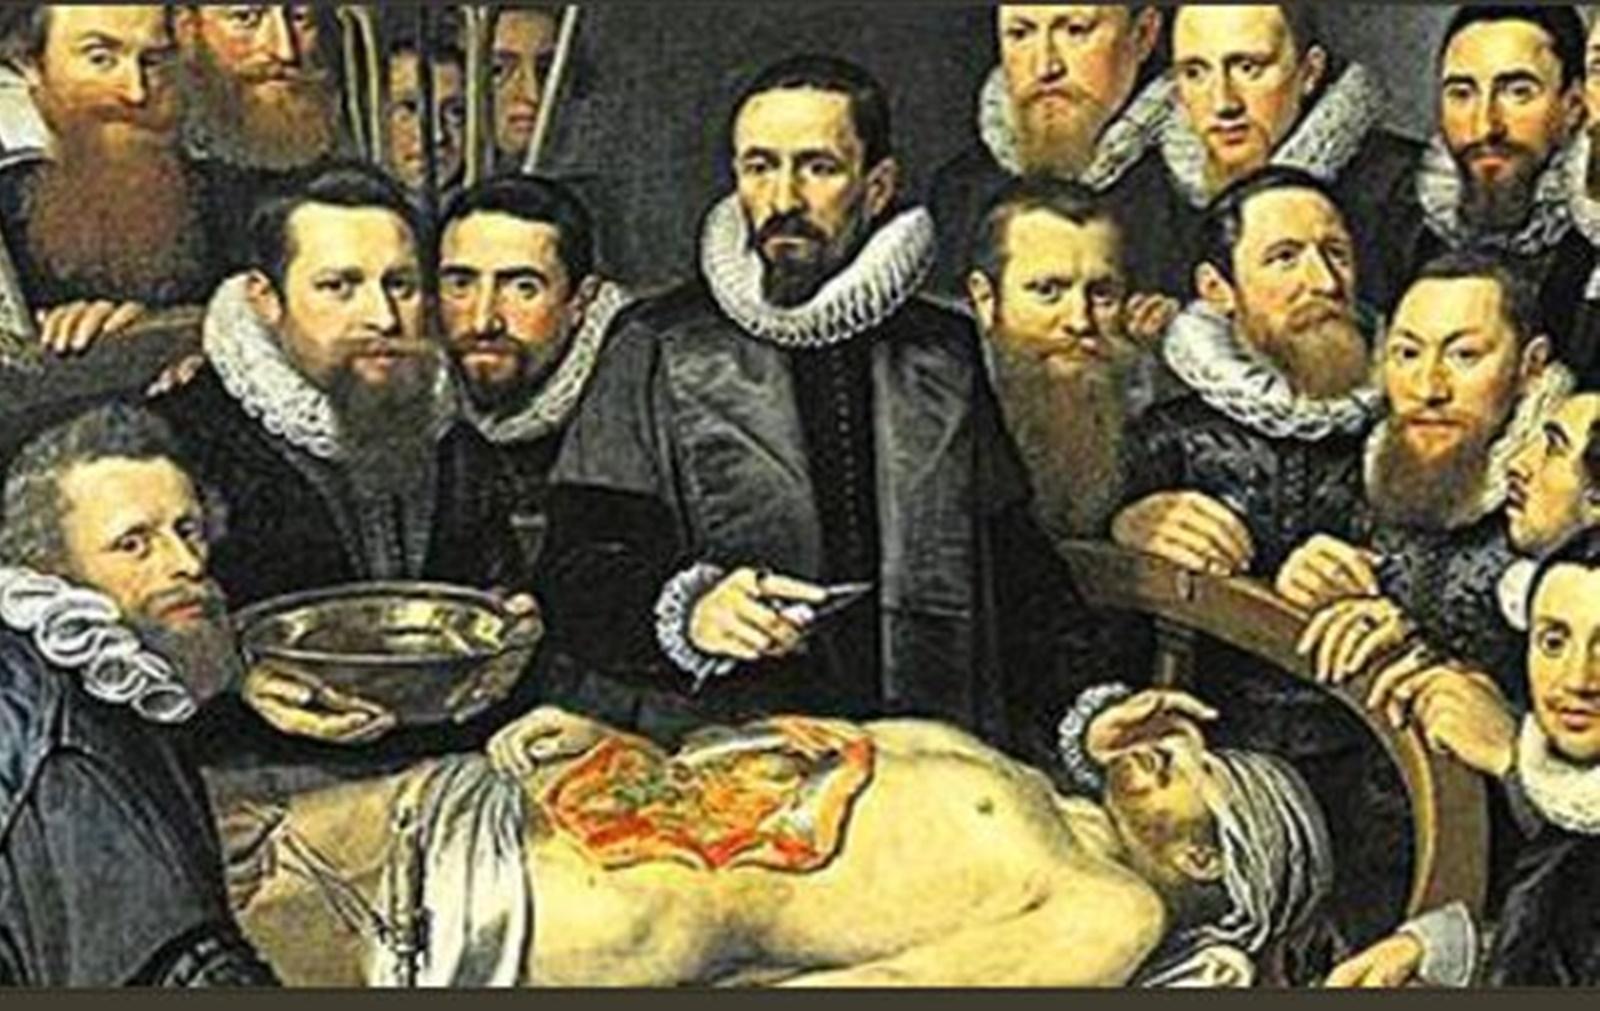 Той е заловен на границата с Прусия, но прусите бързо го връщат обратно на френска територия, където след тежък побой той се озовава във военната болница, за да пие от банките с кръв и да яде от труповете. Смята се, че е изял и бебе – обвинение, което той не отрича. Затова е прогонен от болницата. На 27-годишна възраст Террар умира. Според съдебния лекар органите в тялото му са били силно деформирани, а от вътрешностите му се е разнасяла такава миризма, че аутопсията не е завършена.<br />